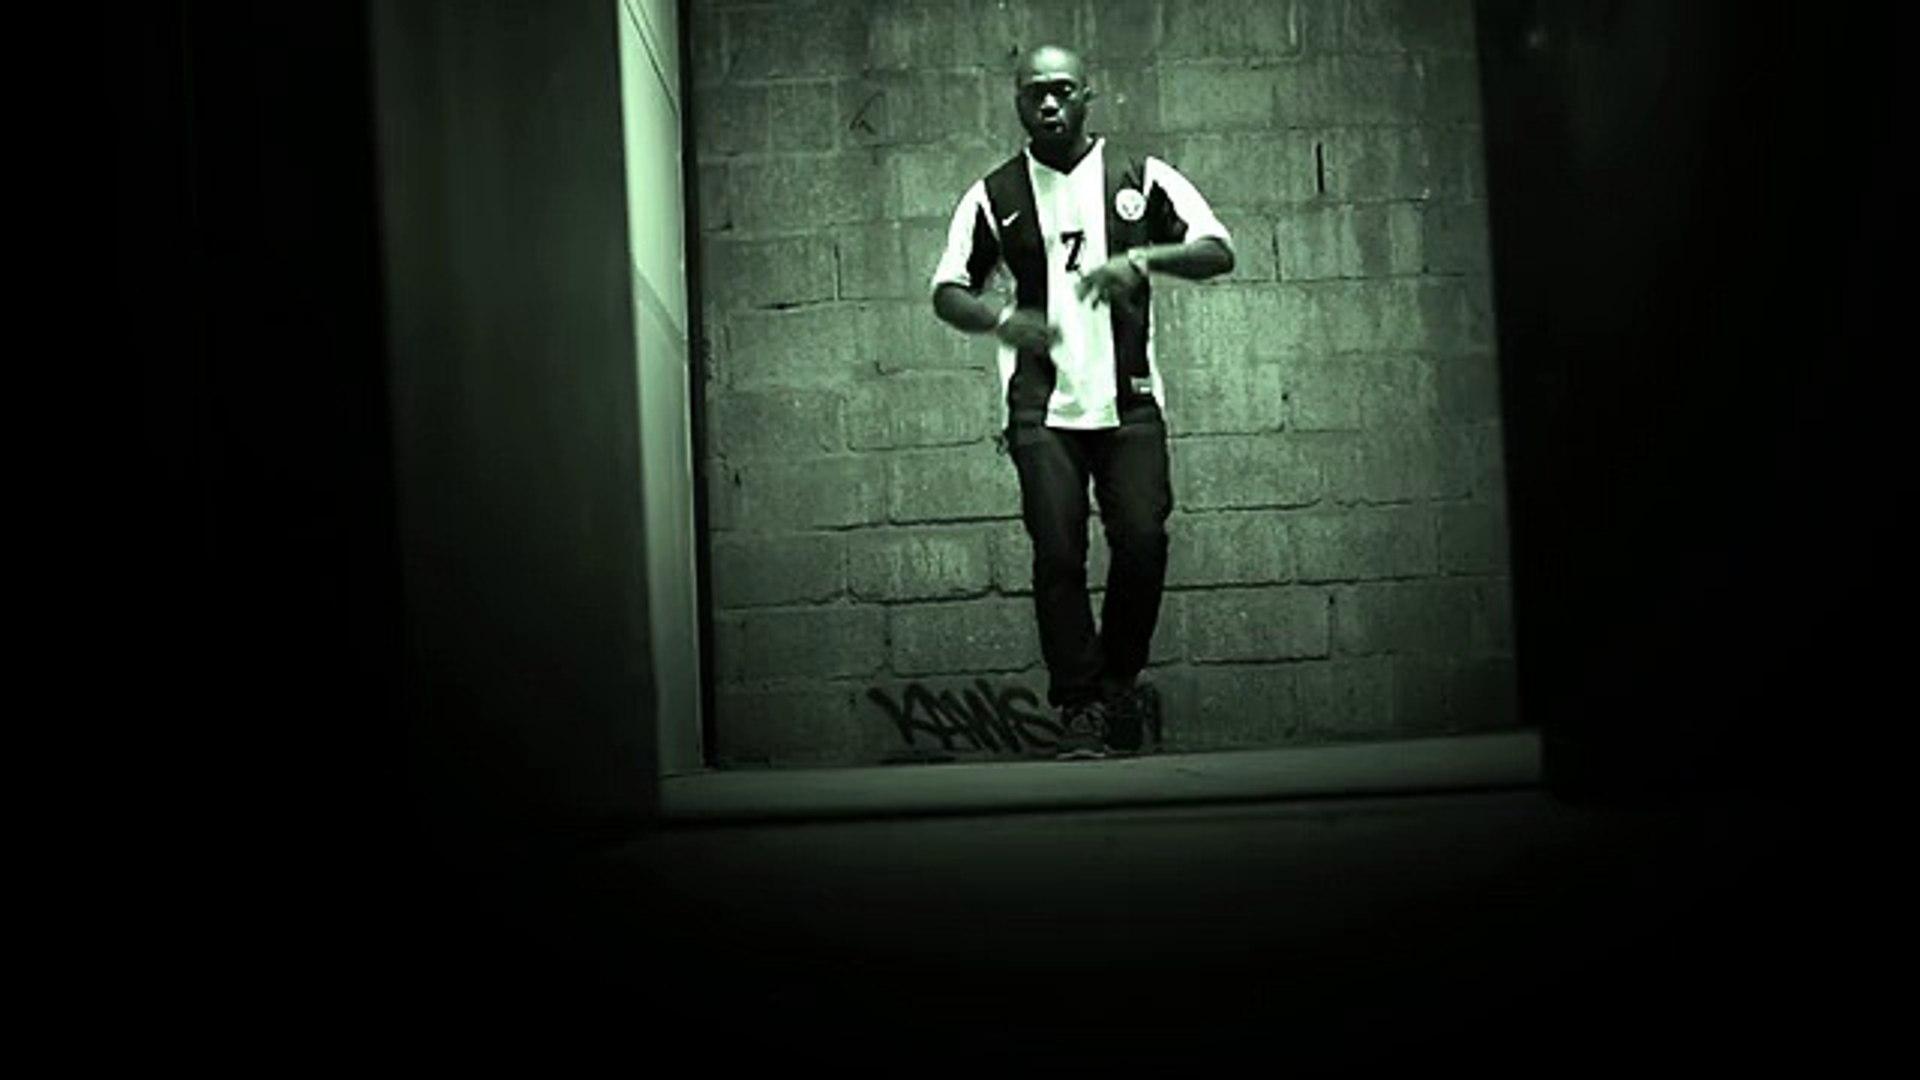 Zumo Kollie - -Say A Prayer- - Watch Hip Hop Music Videos & New Rap Videos